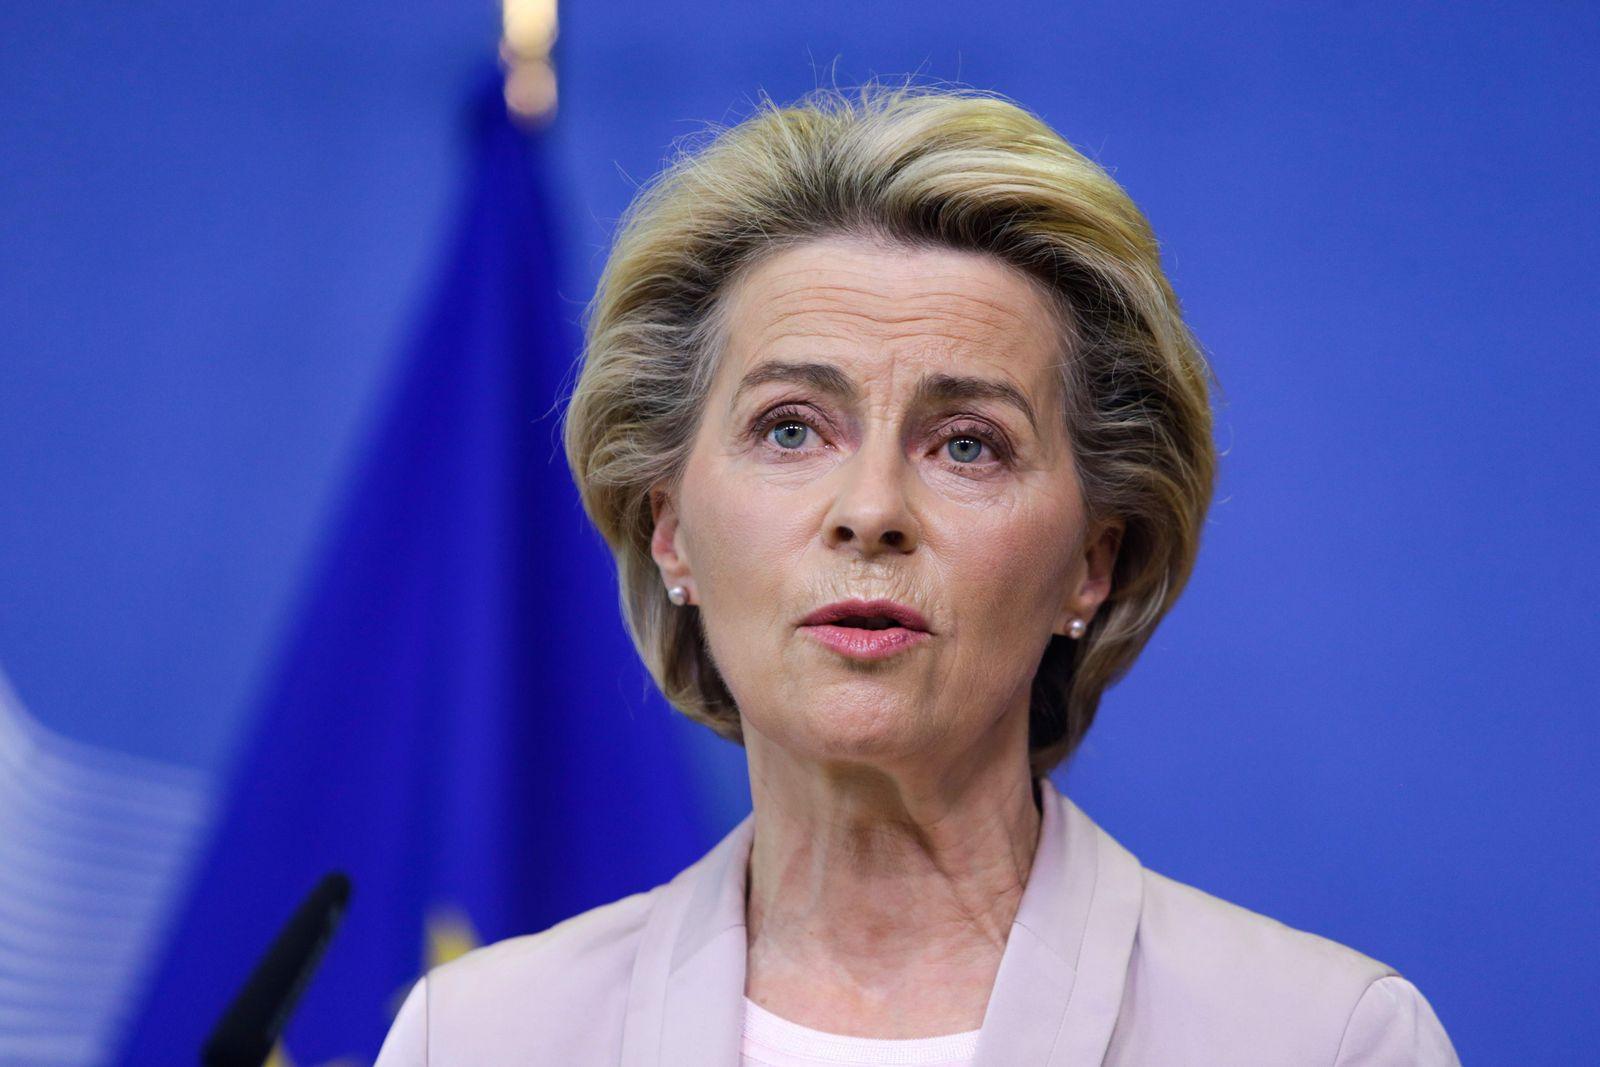 BELGIUM-EUROPE-POLITICS